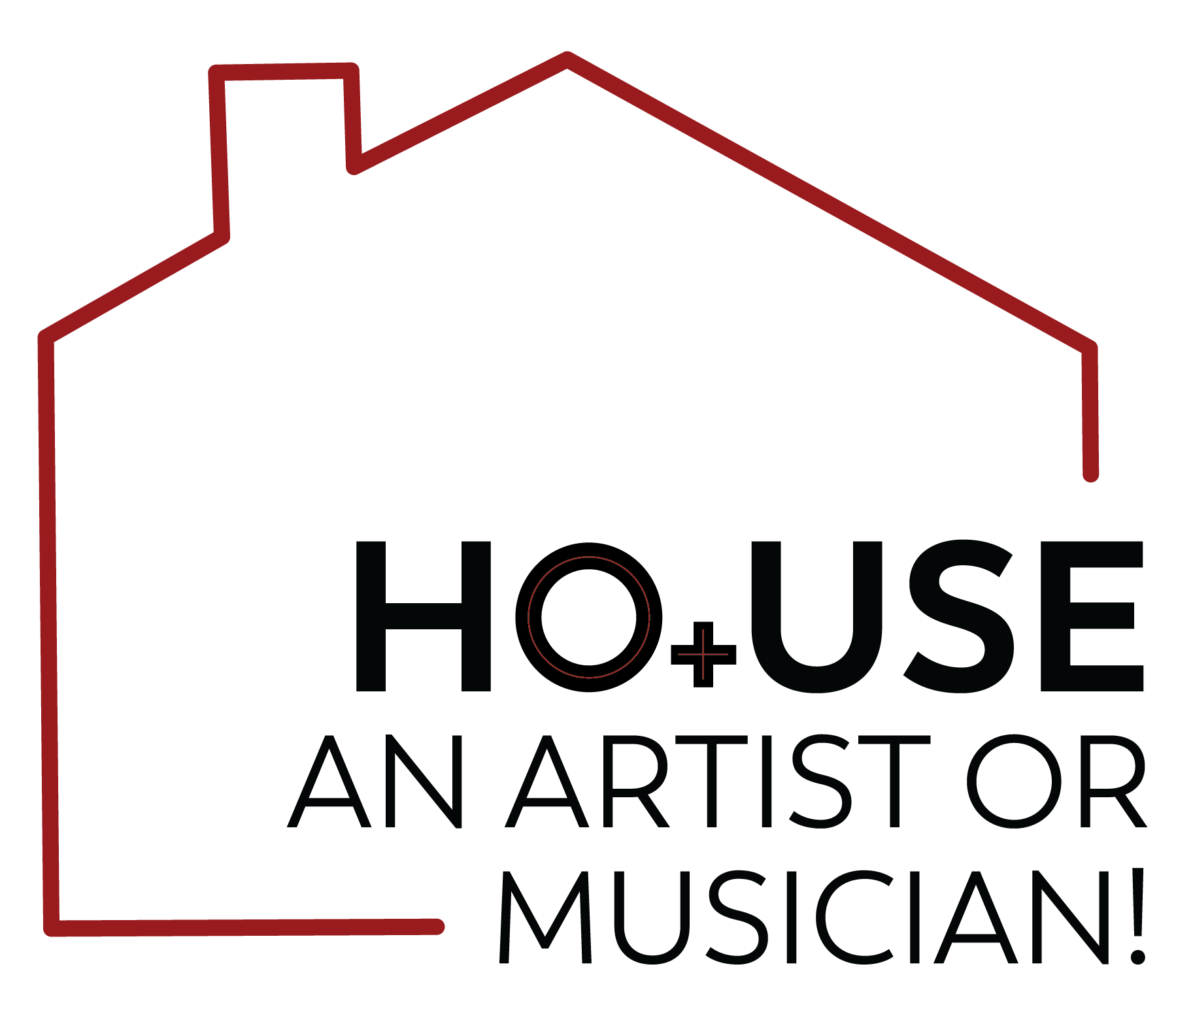 House an Artist or Musician!